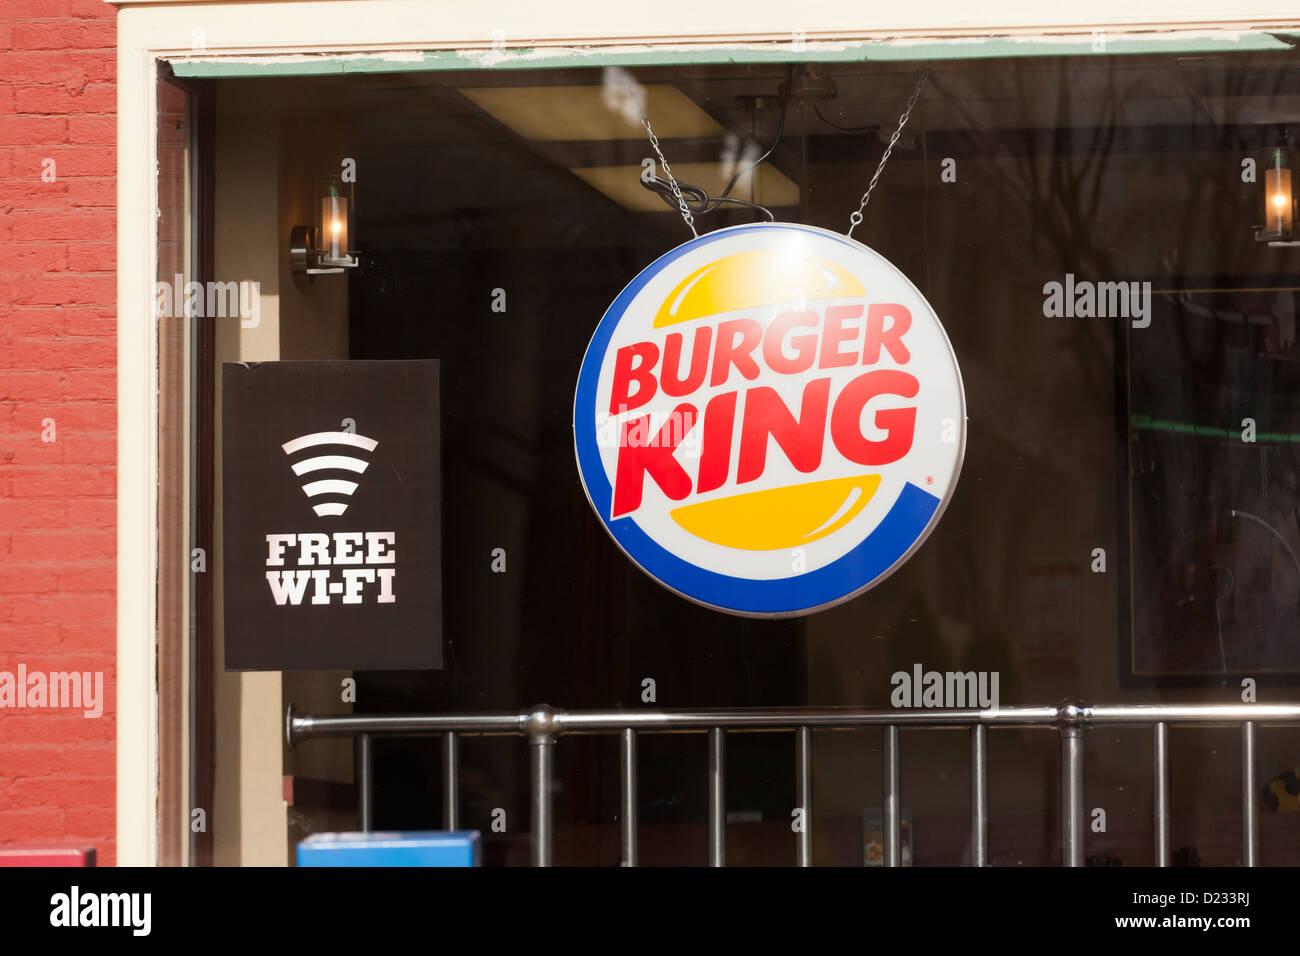 Restaurante Burger King ventana con signo de servicio WiFi gratis Imagen De Stock